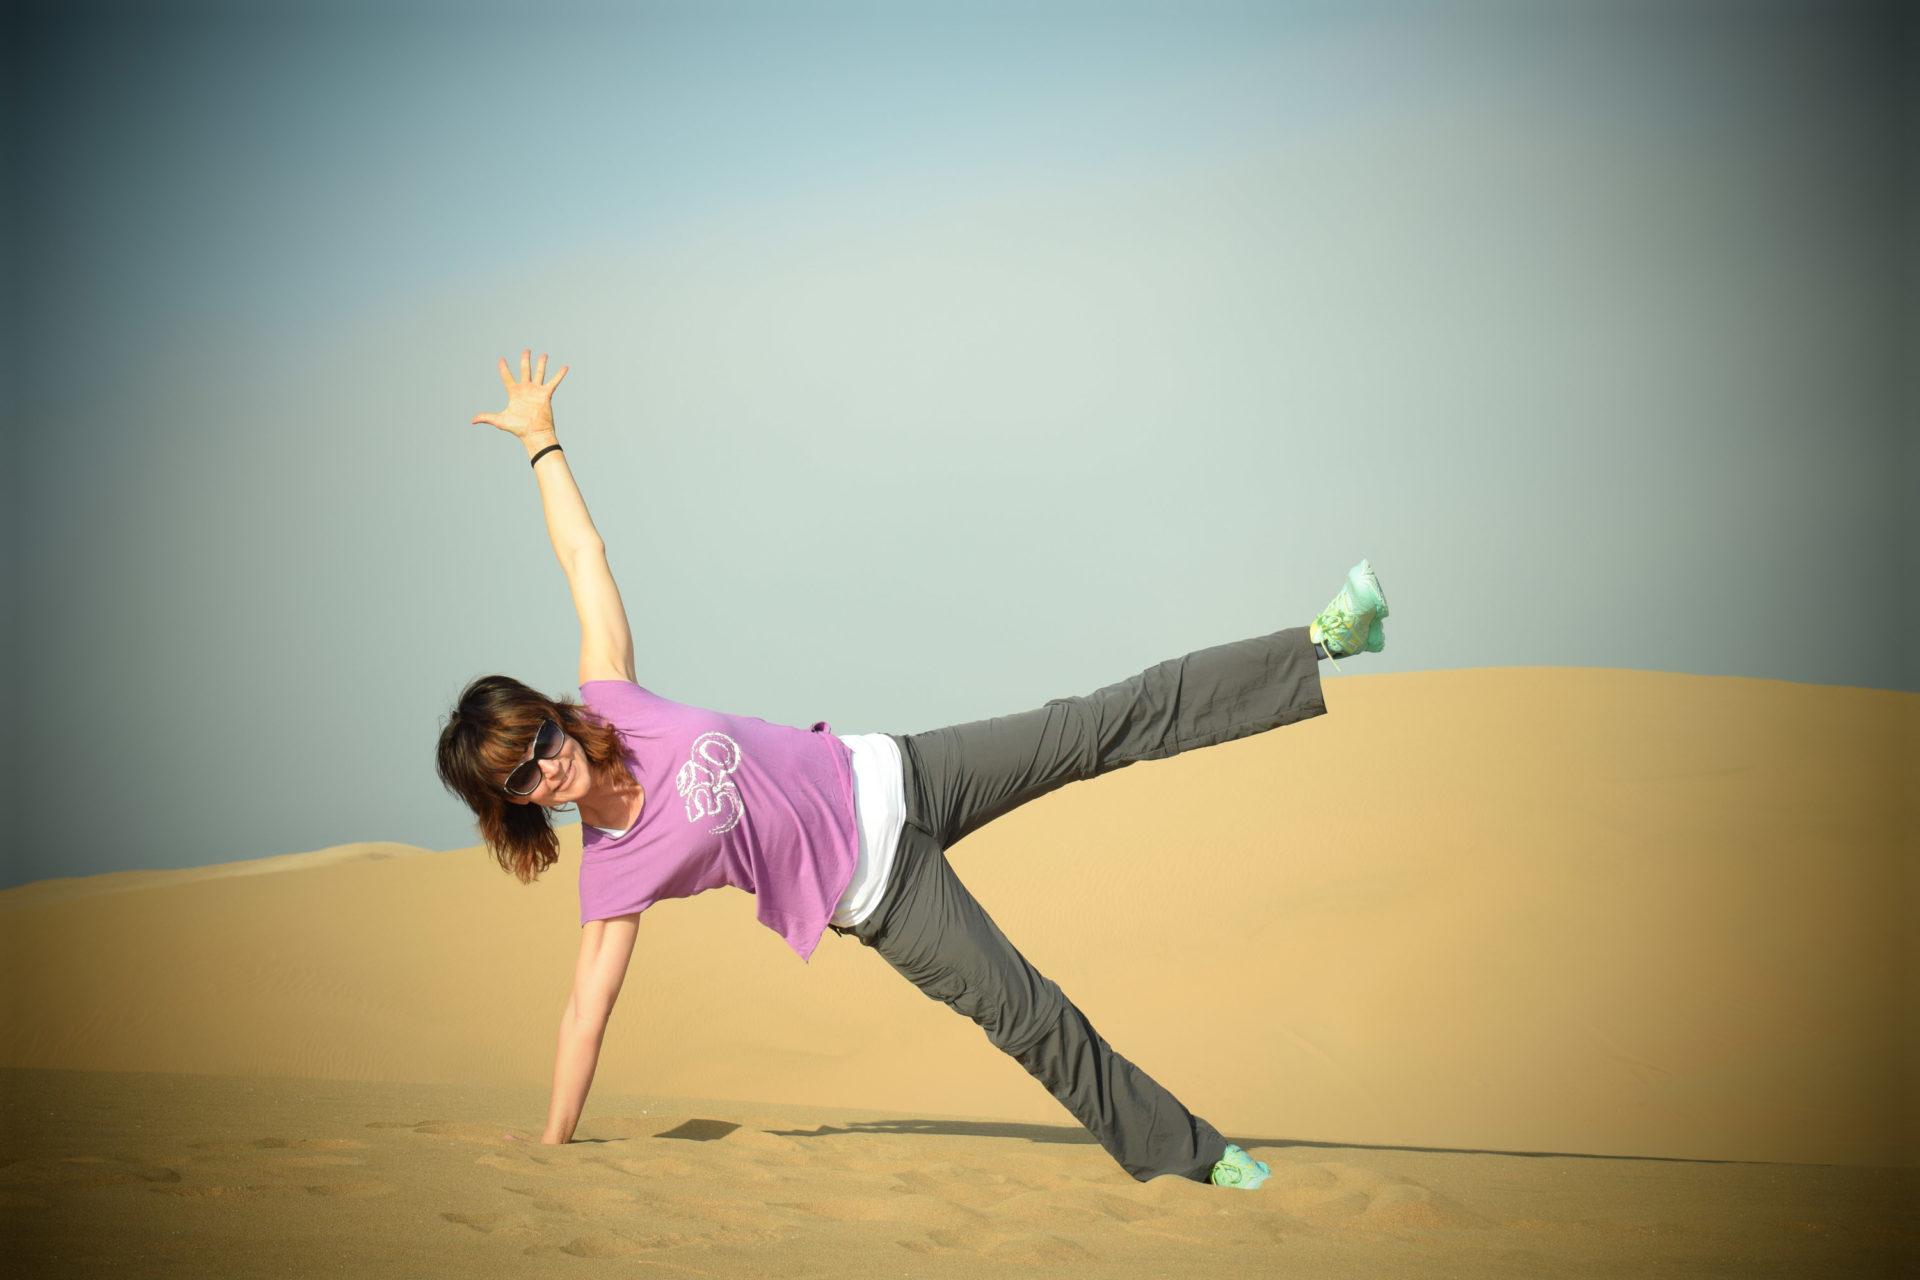 Lyn Yoga mit Evelyn Vysher in der Wüste